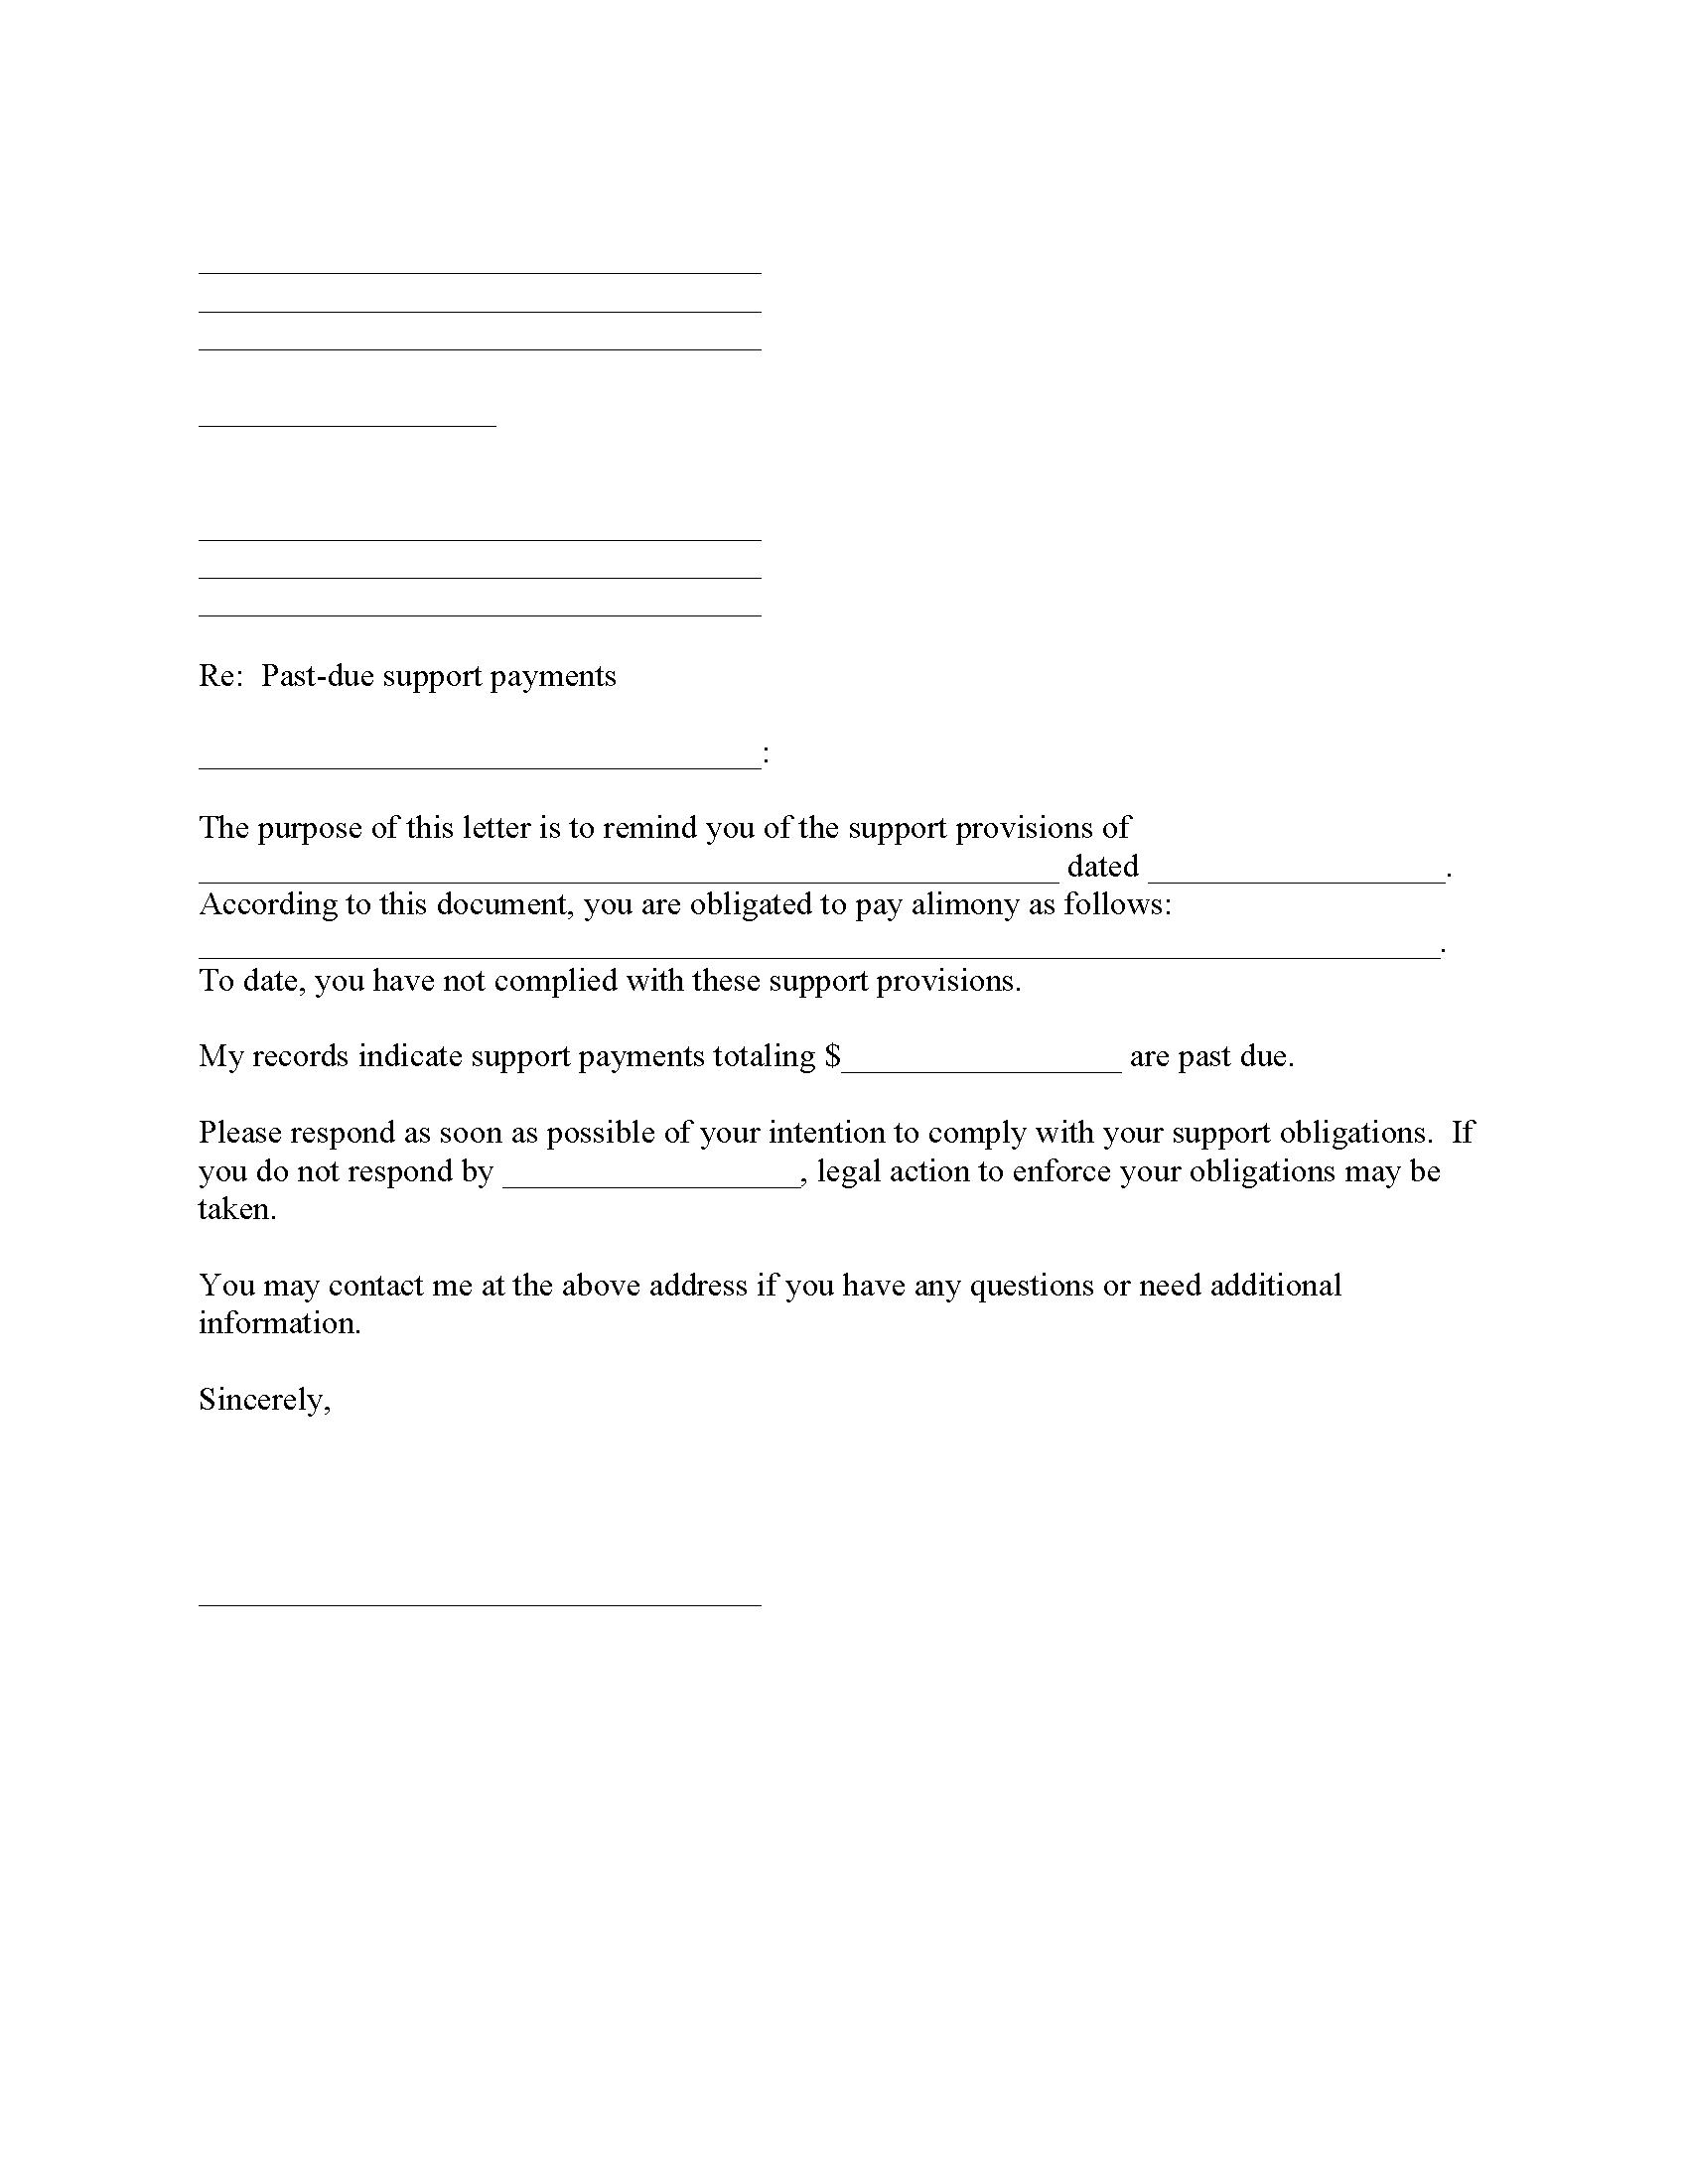 Identity Theft Affidavit Form